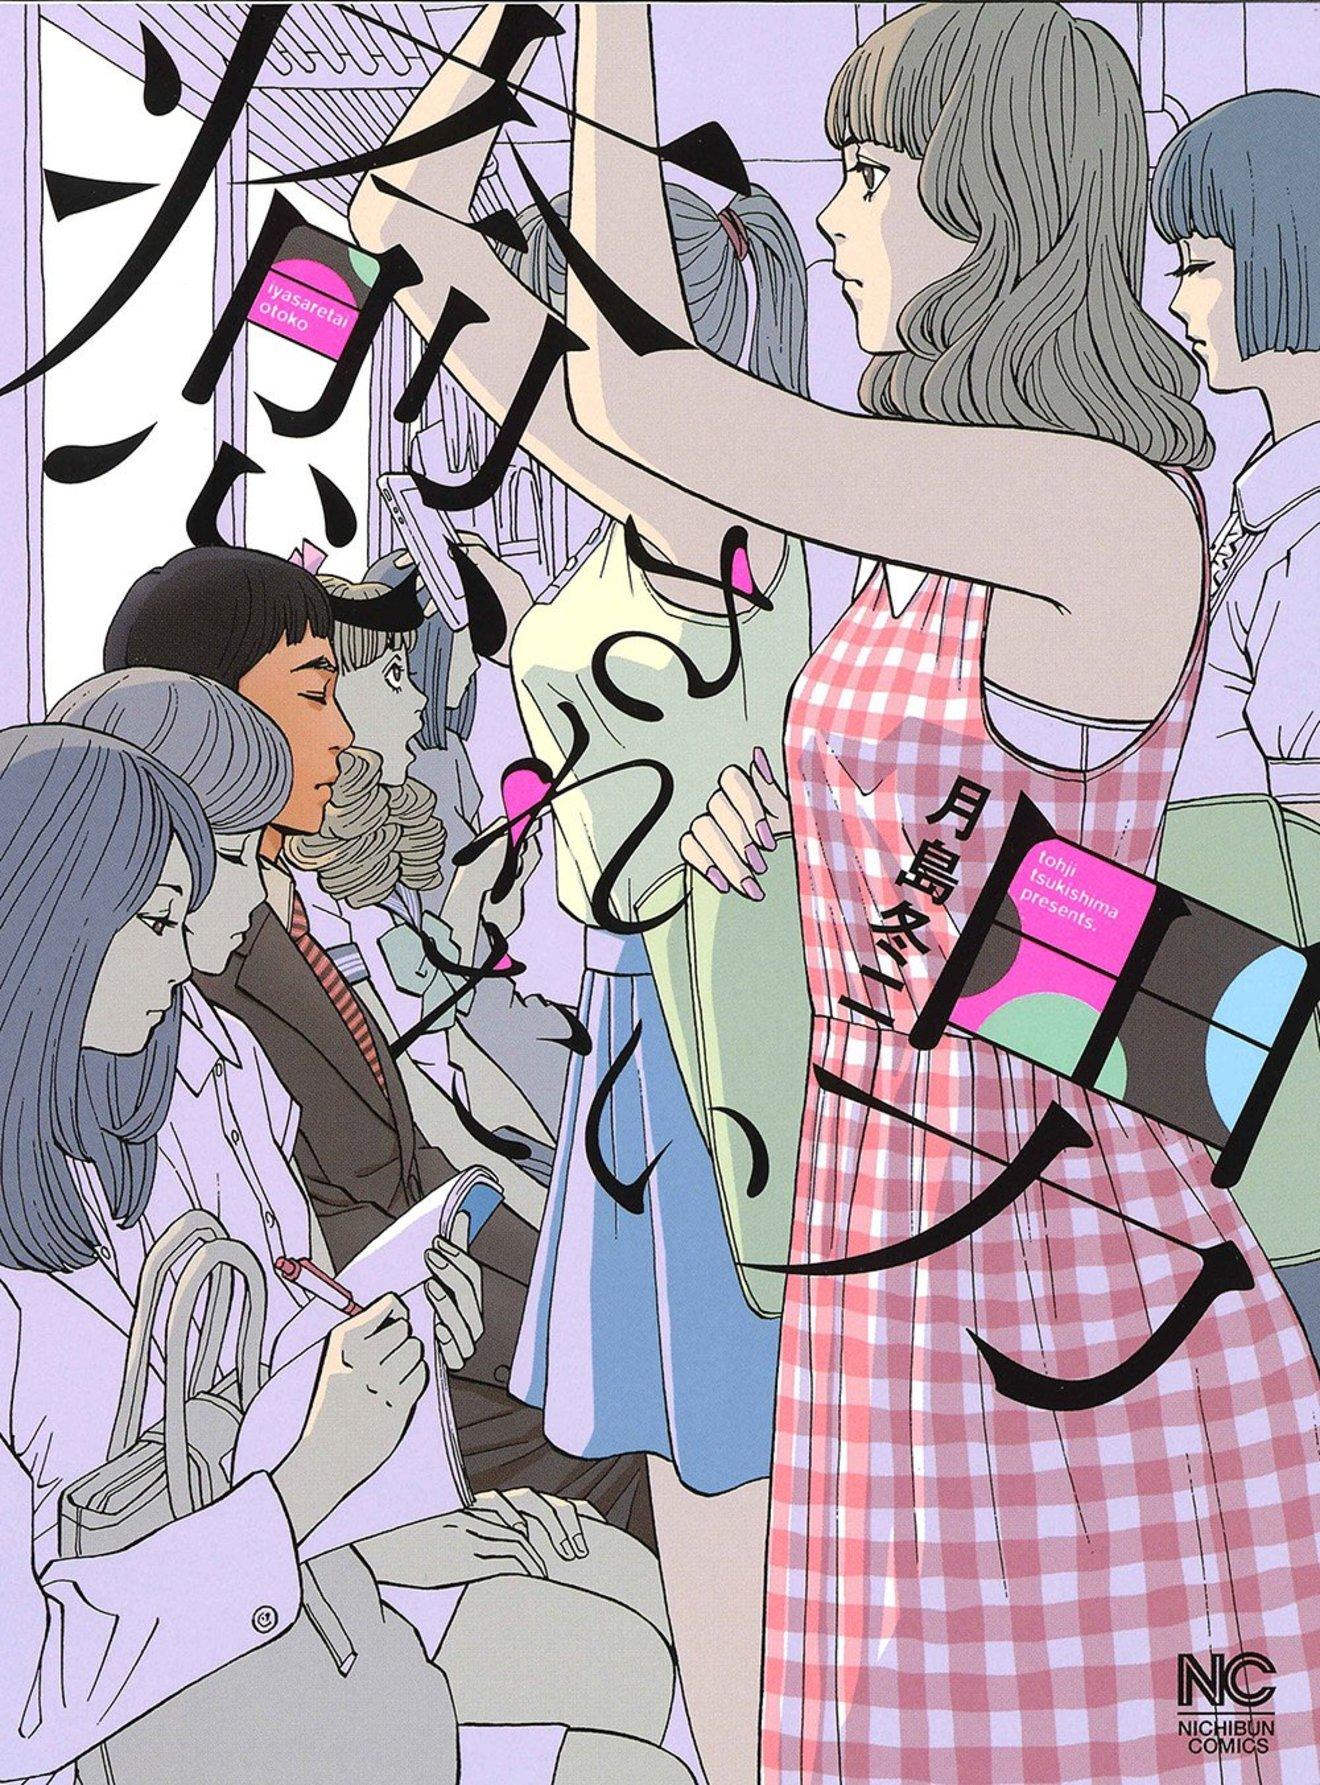 原作『癒されたい男』がドラマ化!アホさに共感する漫画をネタバレ!【無料】